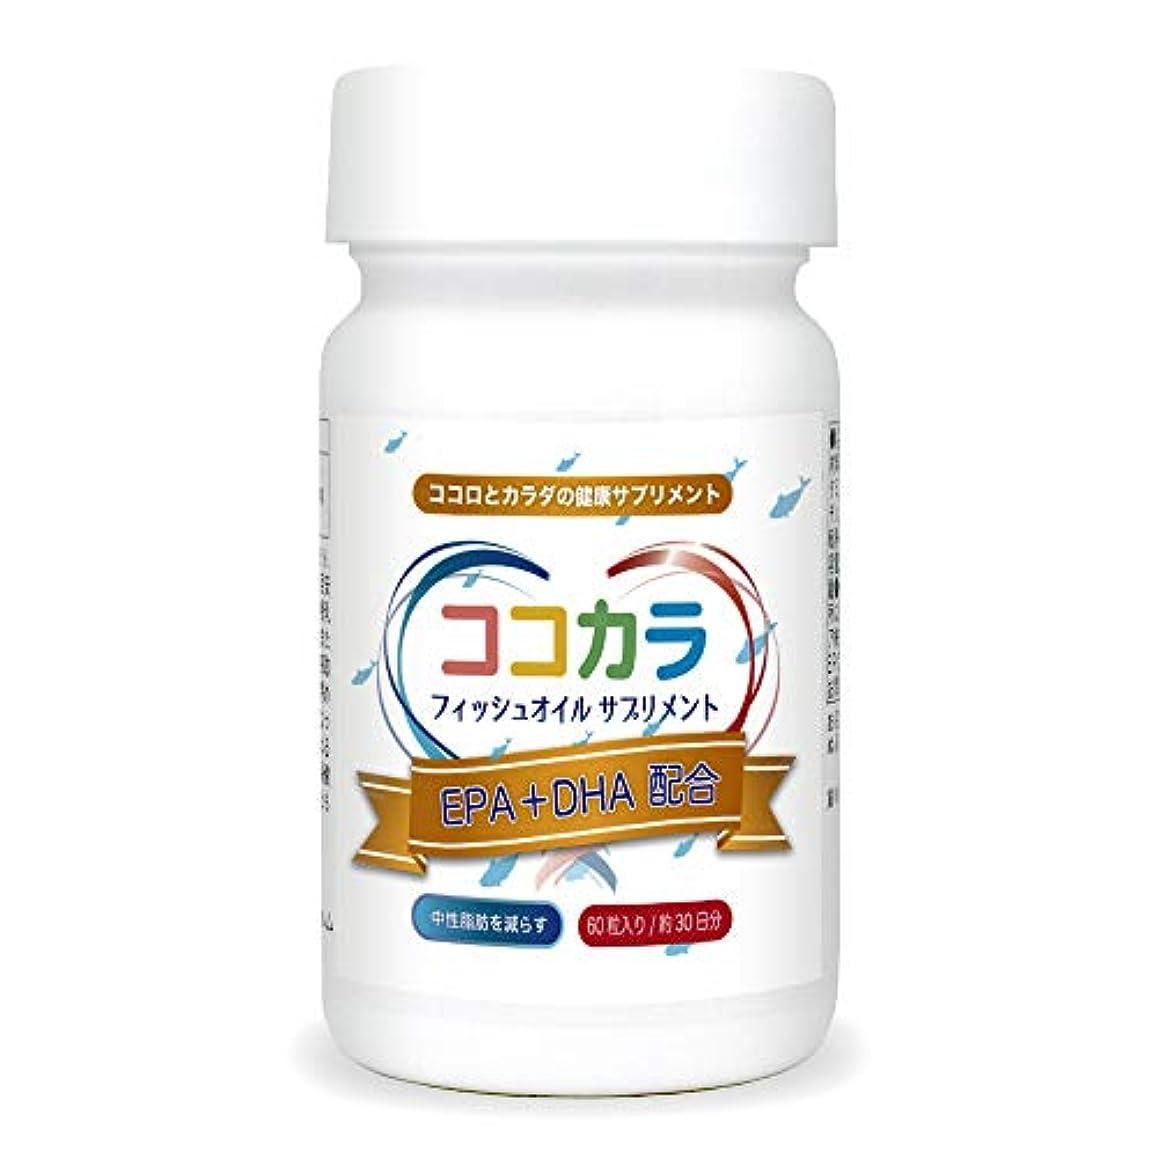 謝罪する政権扱うEPA&DHA配合 ココカラサプリ バイオメガ3 フィッシュオイル 中性脂肪対策(60カプセル1ヶ月分) (1)